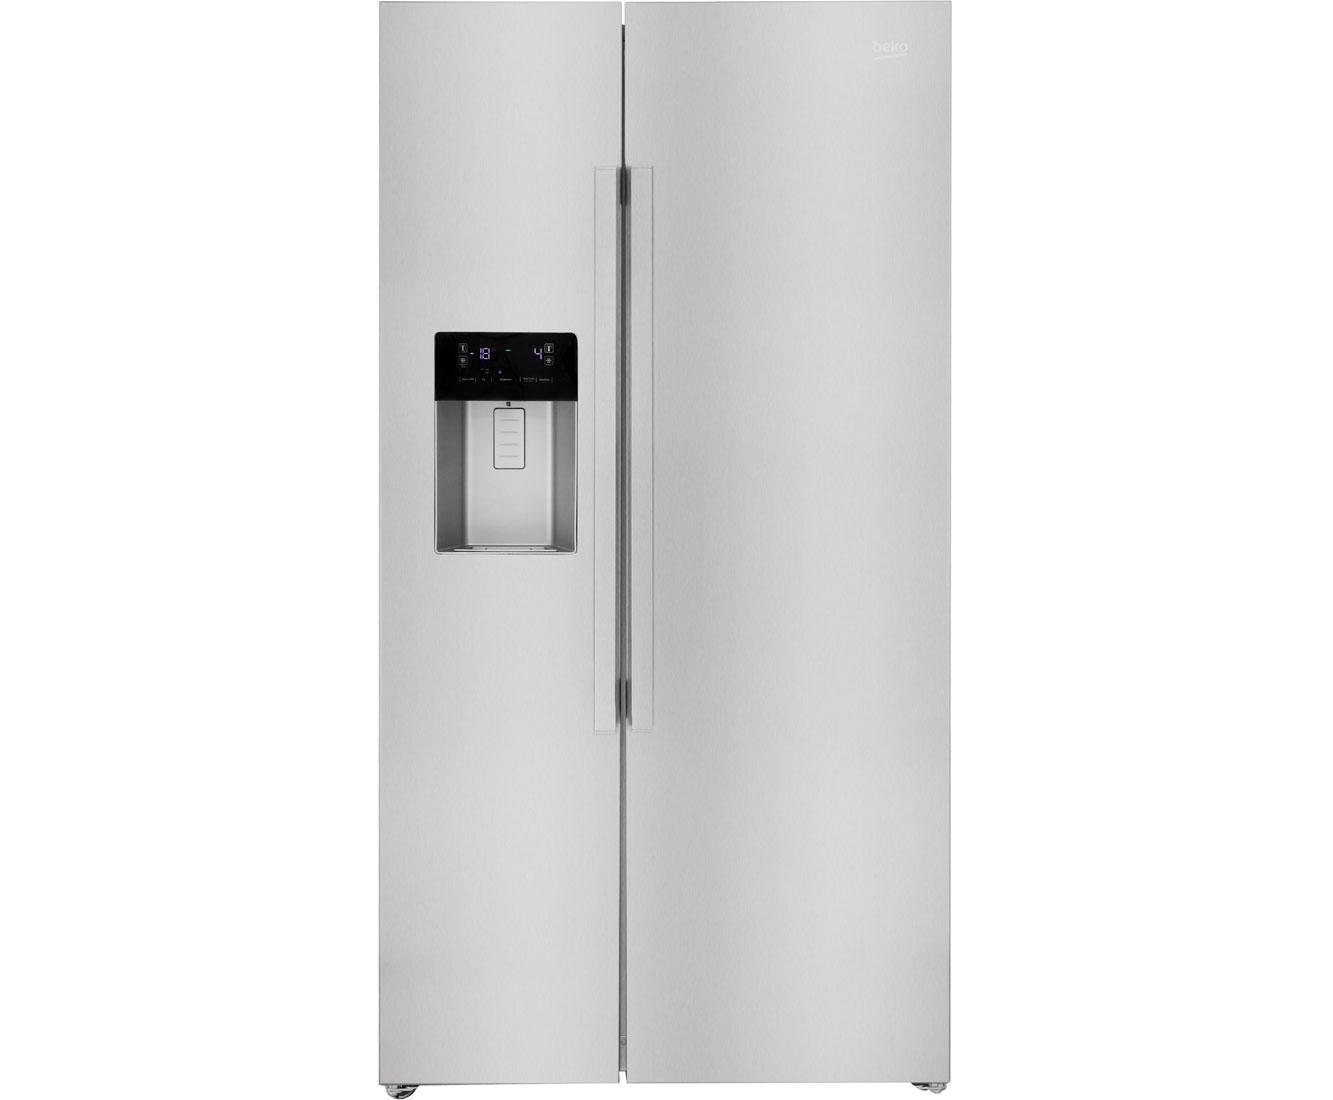 Amerikanischer Kühlschrank Maße : Beko gn xb amerikanischer side by side mit wasserspender